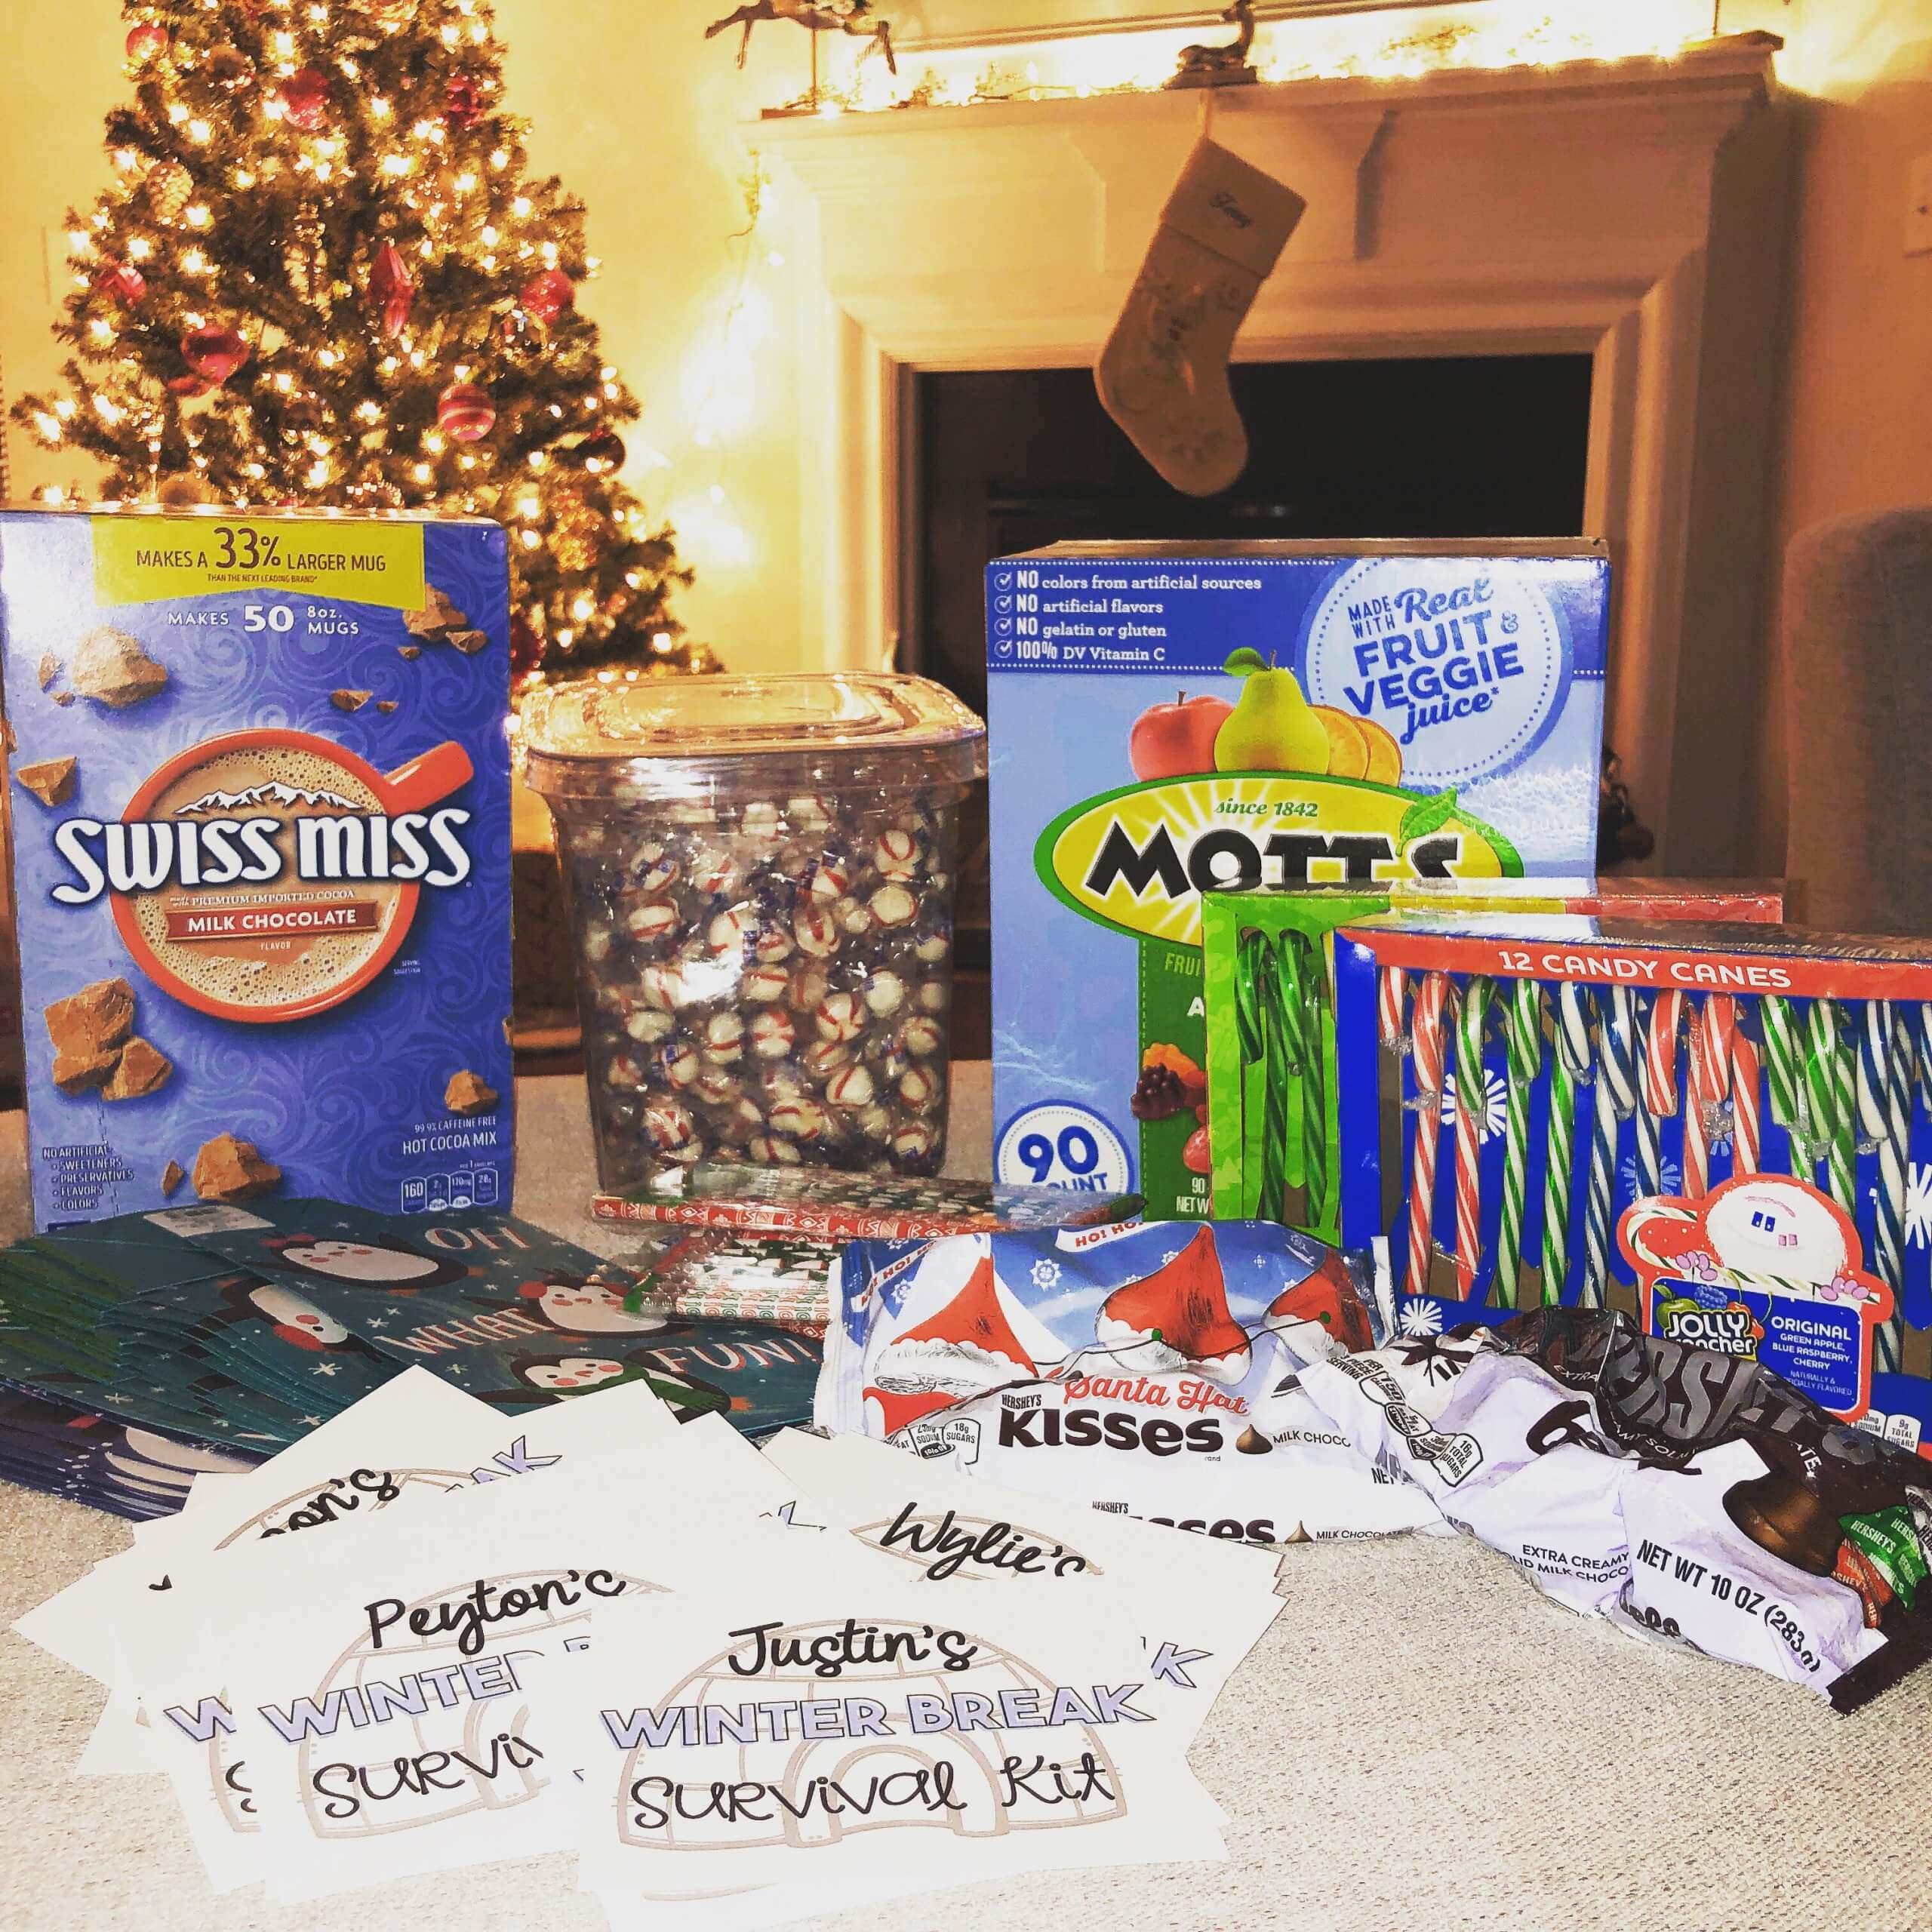 Items for winter break survival kit